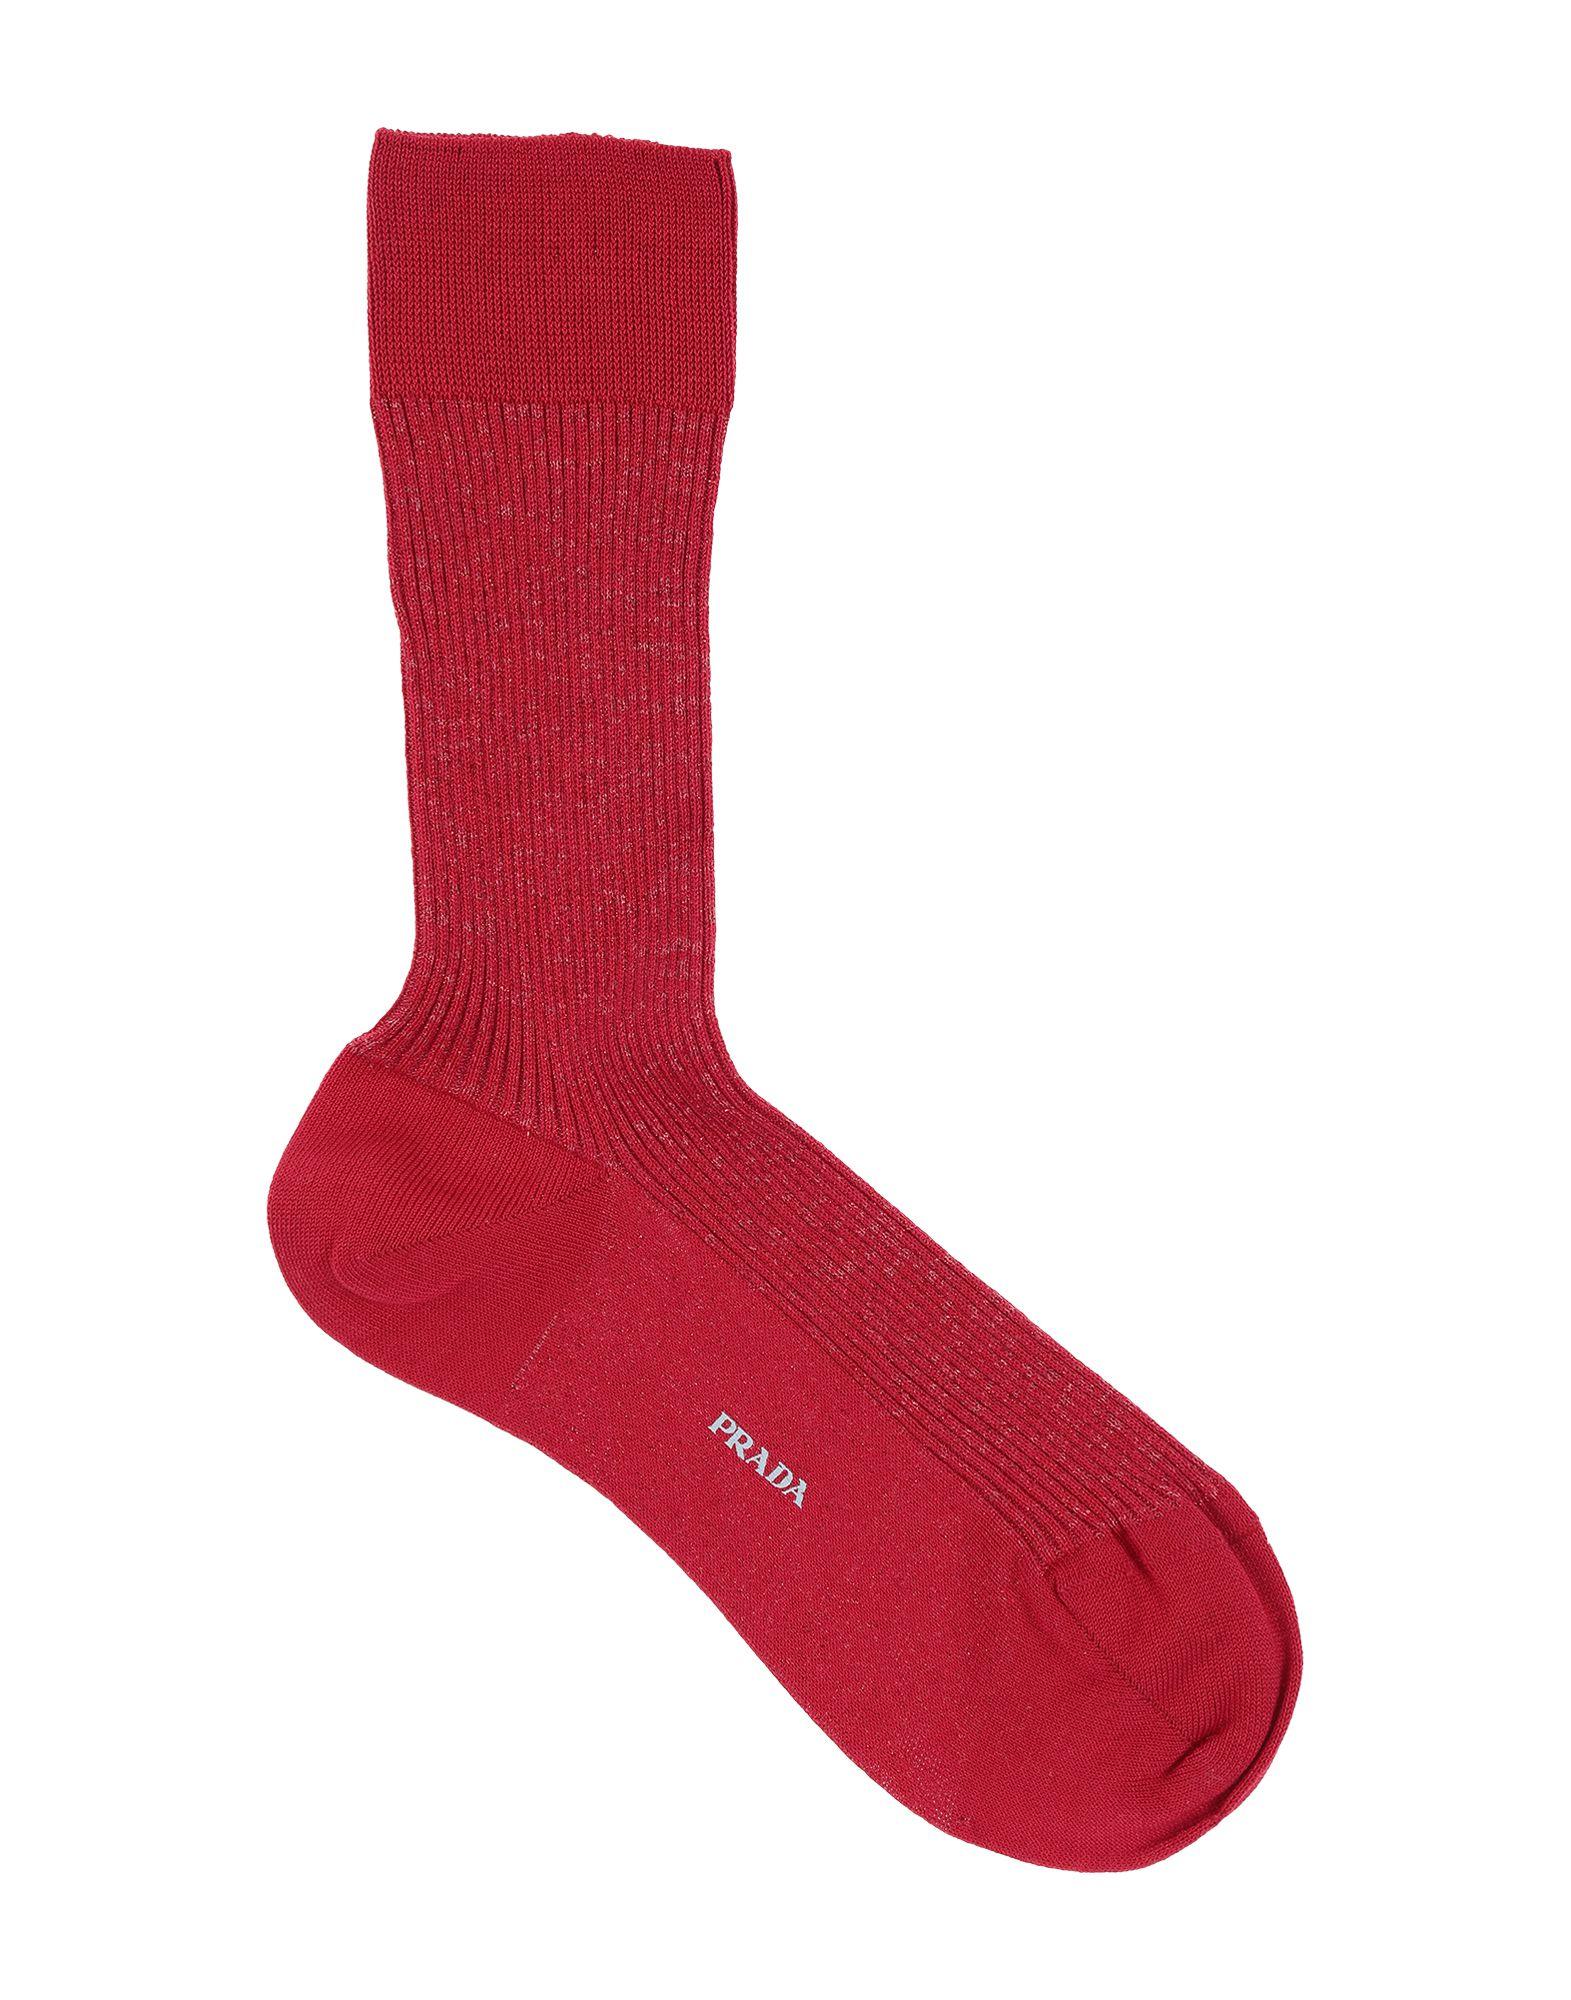 PRADA SPORT Короткие носки prada sport мокасины